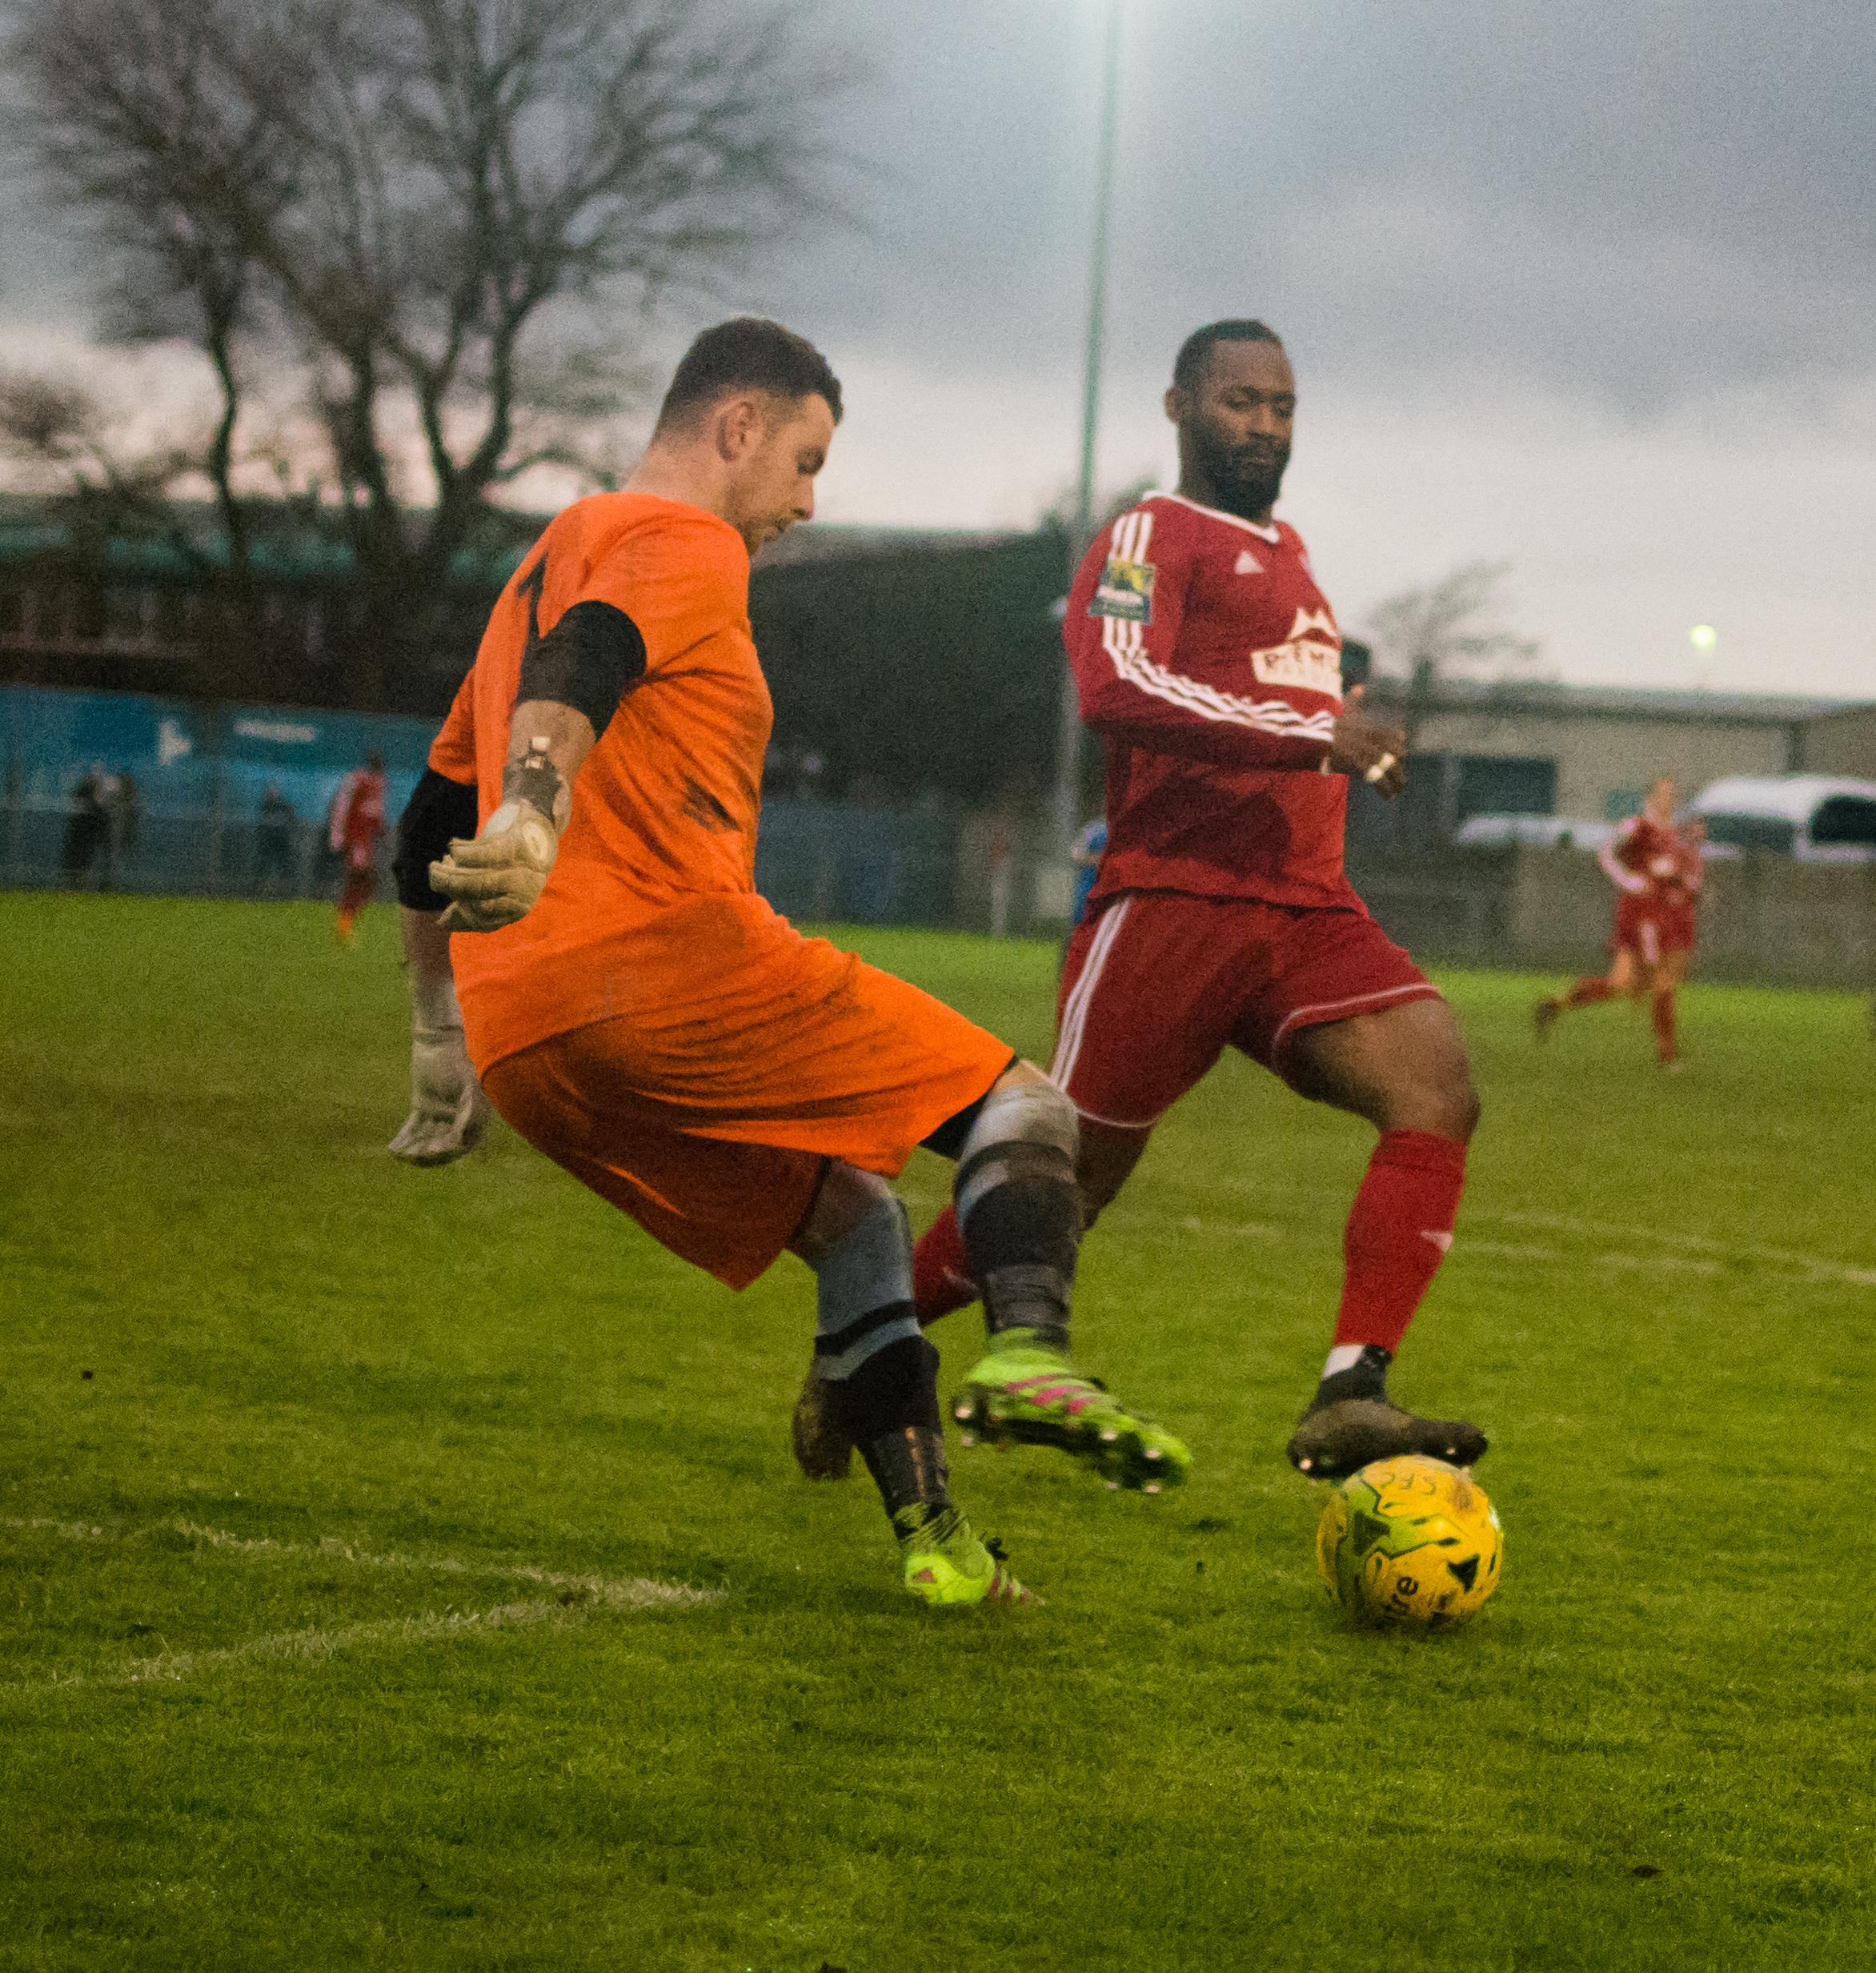 Shoreham FC vs Hythe Town 11.11.17 75